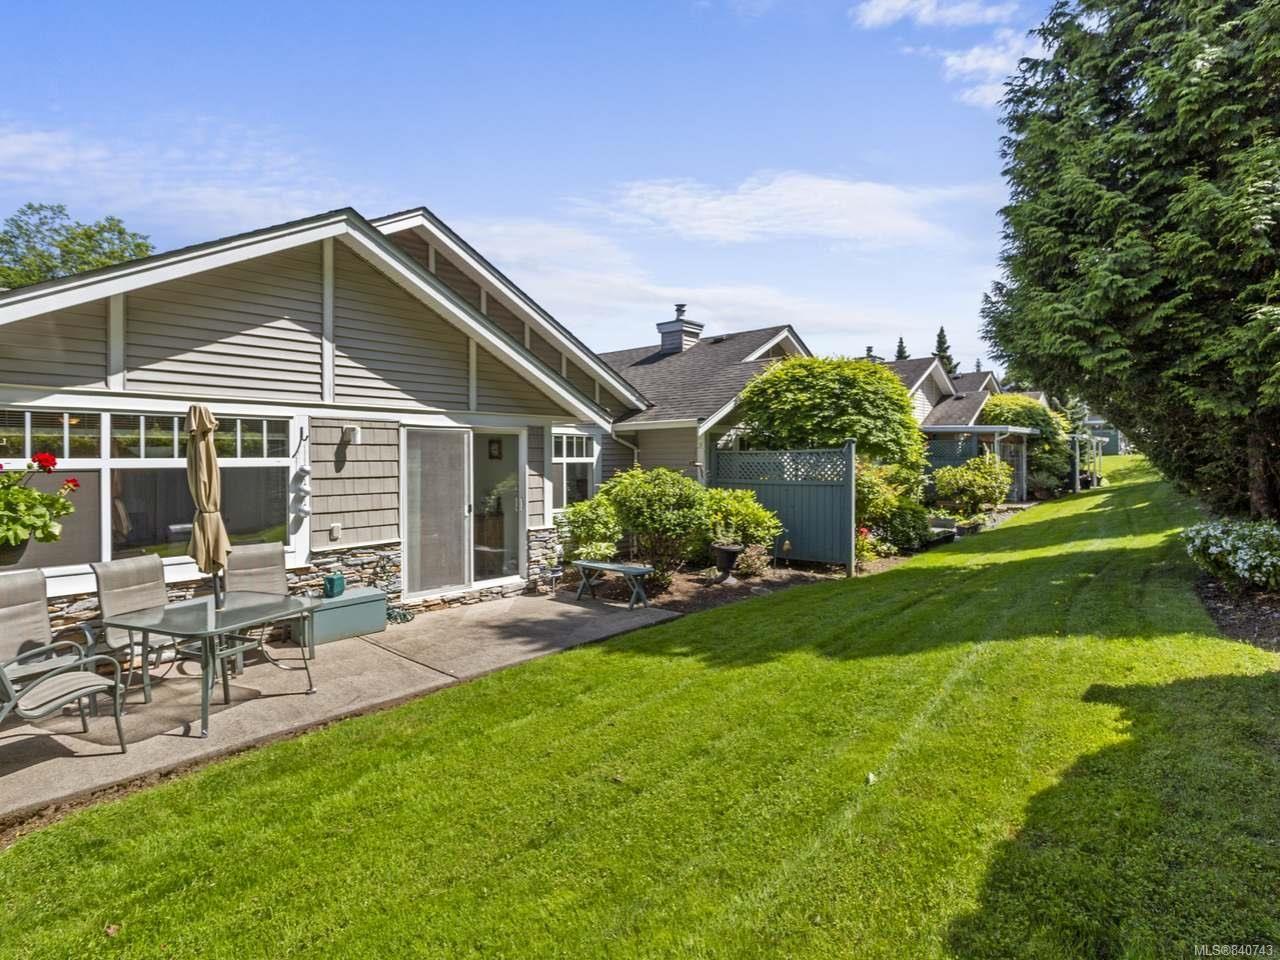 Main Photo: 6175 Rosecroft Pl in NANAIMO: Na North Nanaimo Row/Townhouse for sale (Nanaimo)  : MLS®# 840743